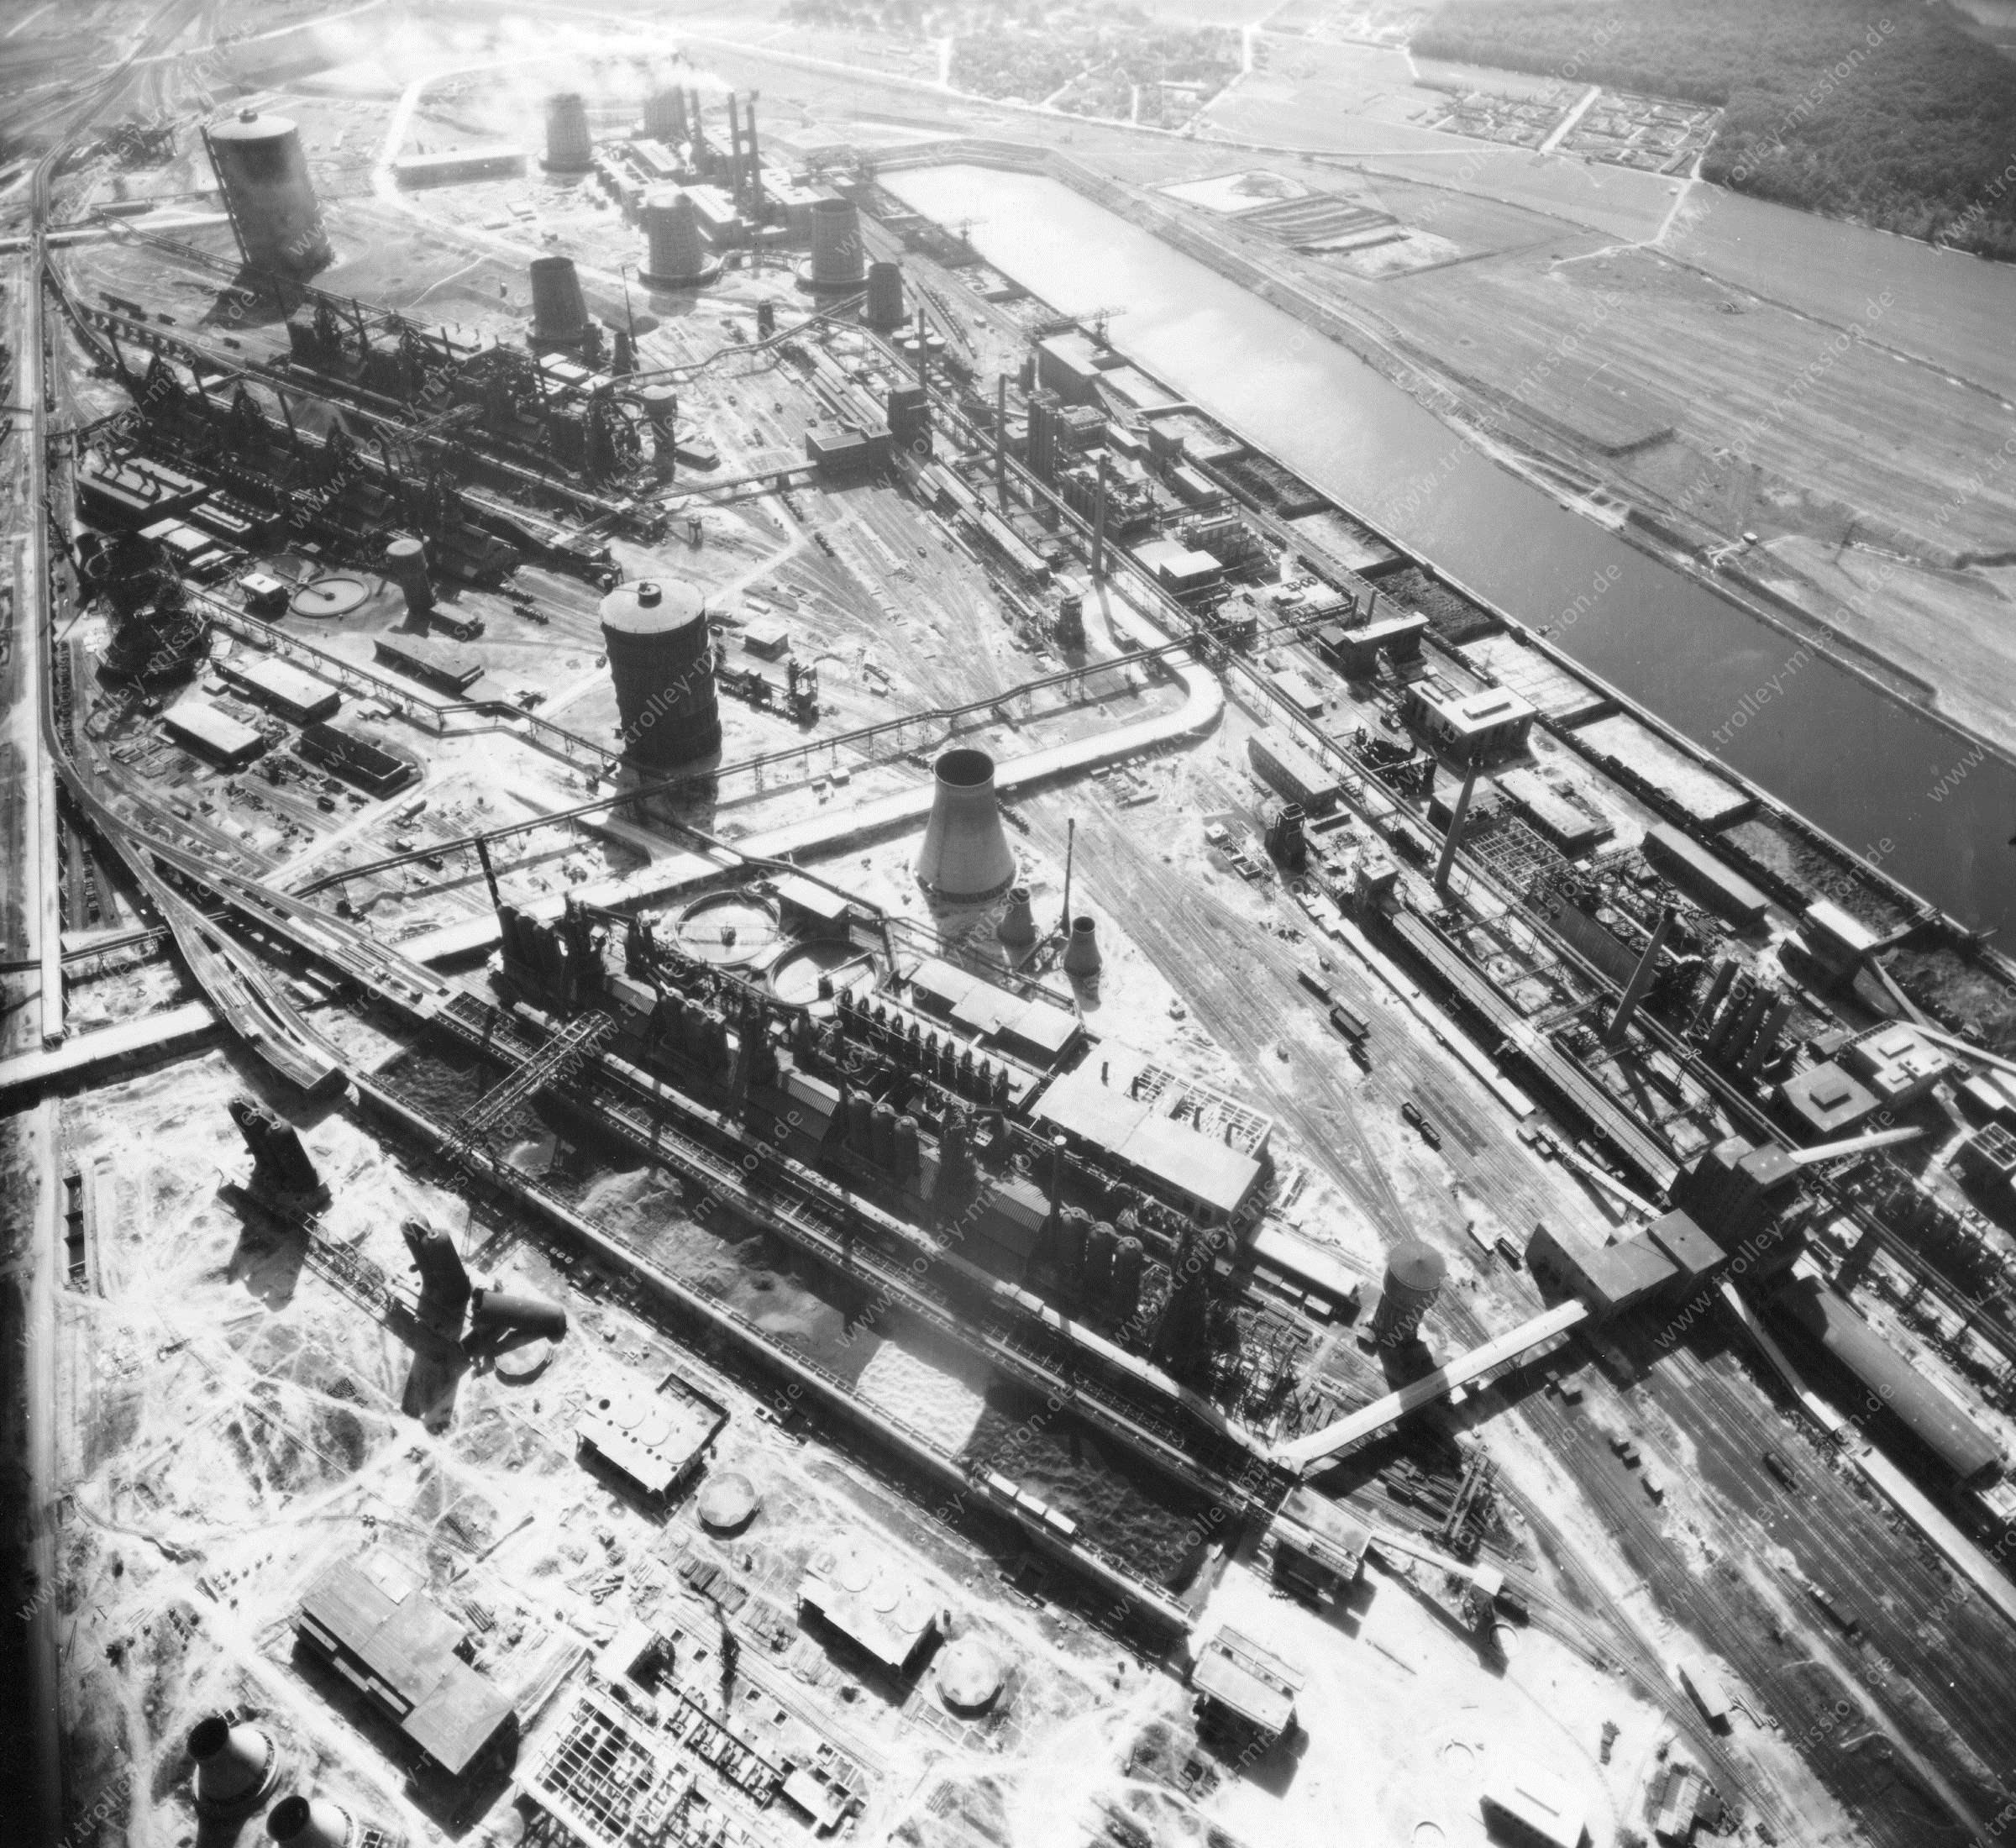 Luftbild der Hermann Göring Reichswerke AG für Erzbergbau und Eisenhütten in Salzgitter am 12. Mai 1945 - Luftbildserie 7/7 der US Luftwaffe